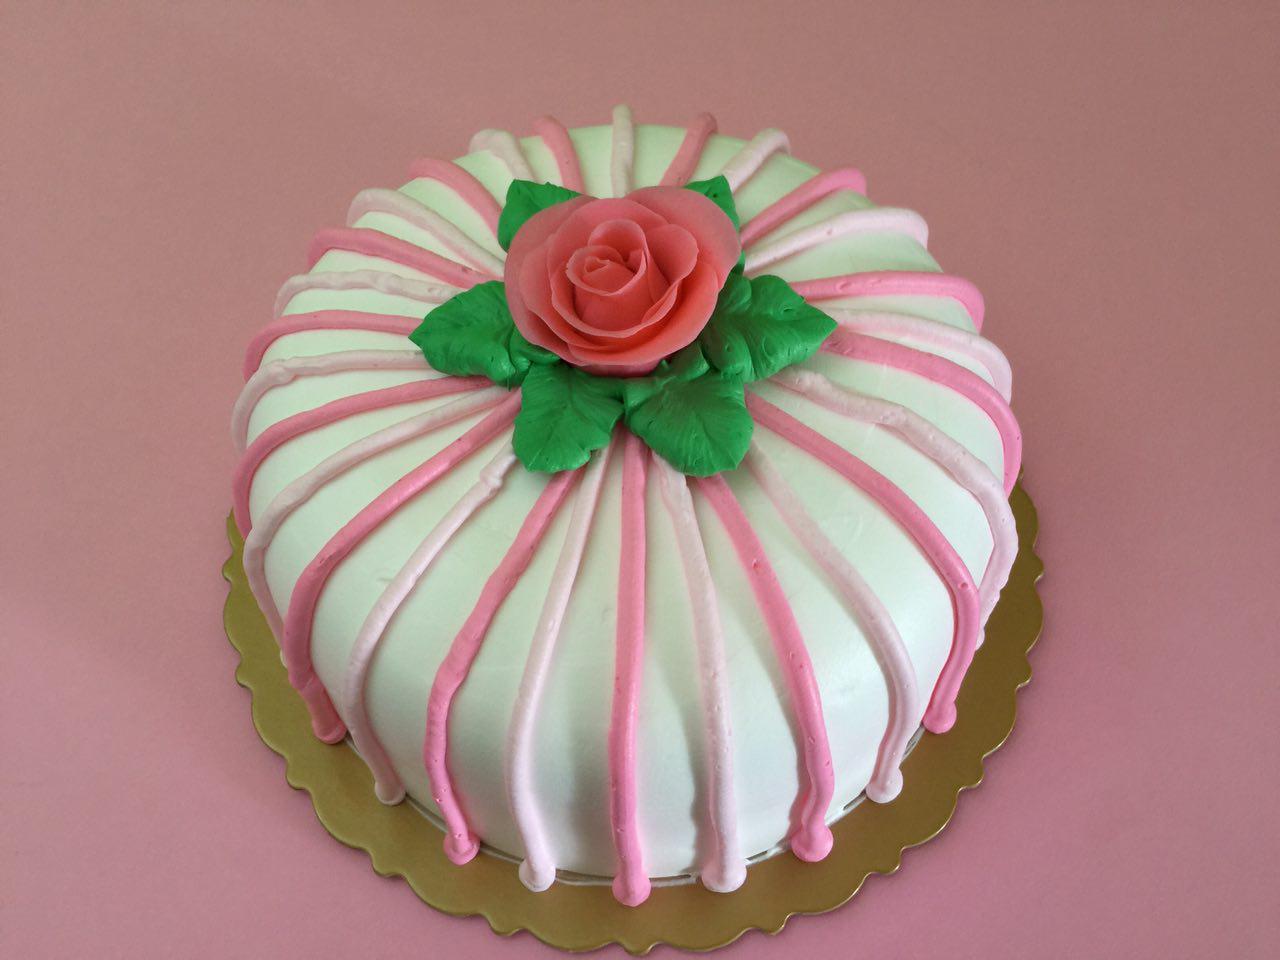 Pink Rose Gift Cake